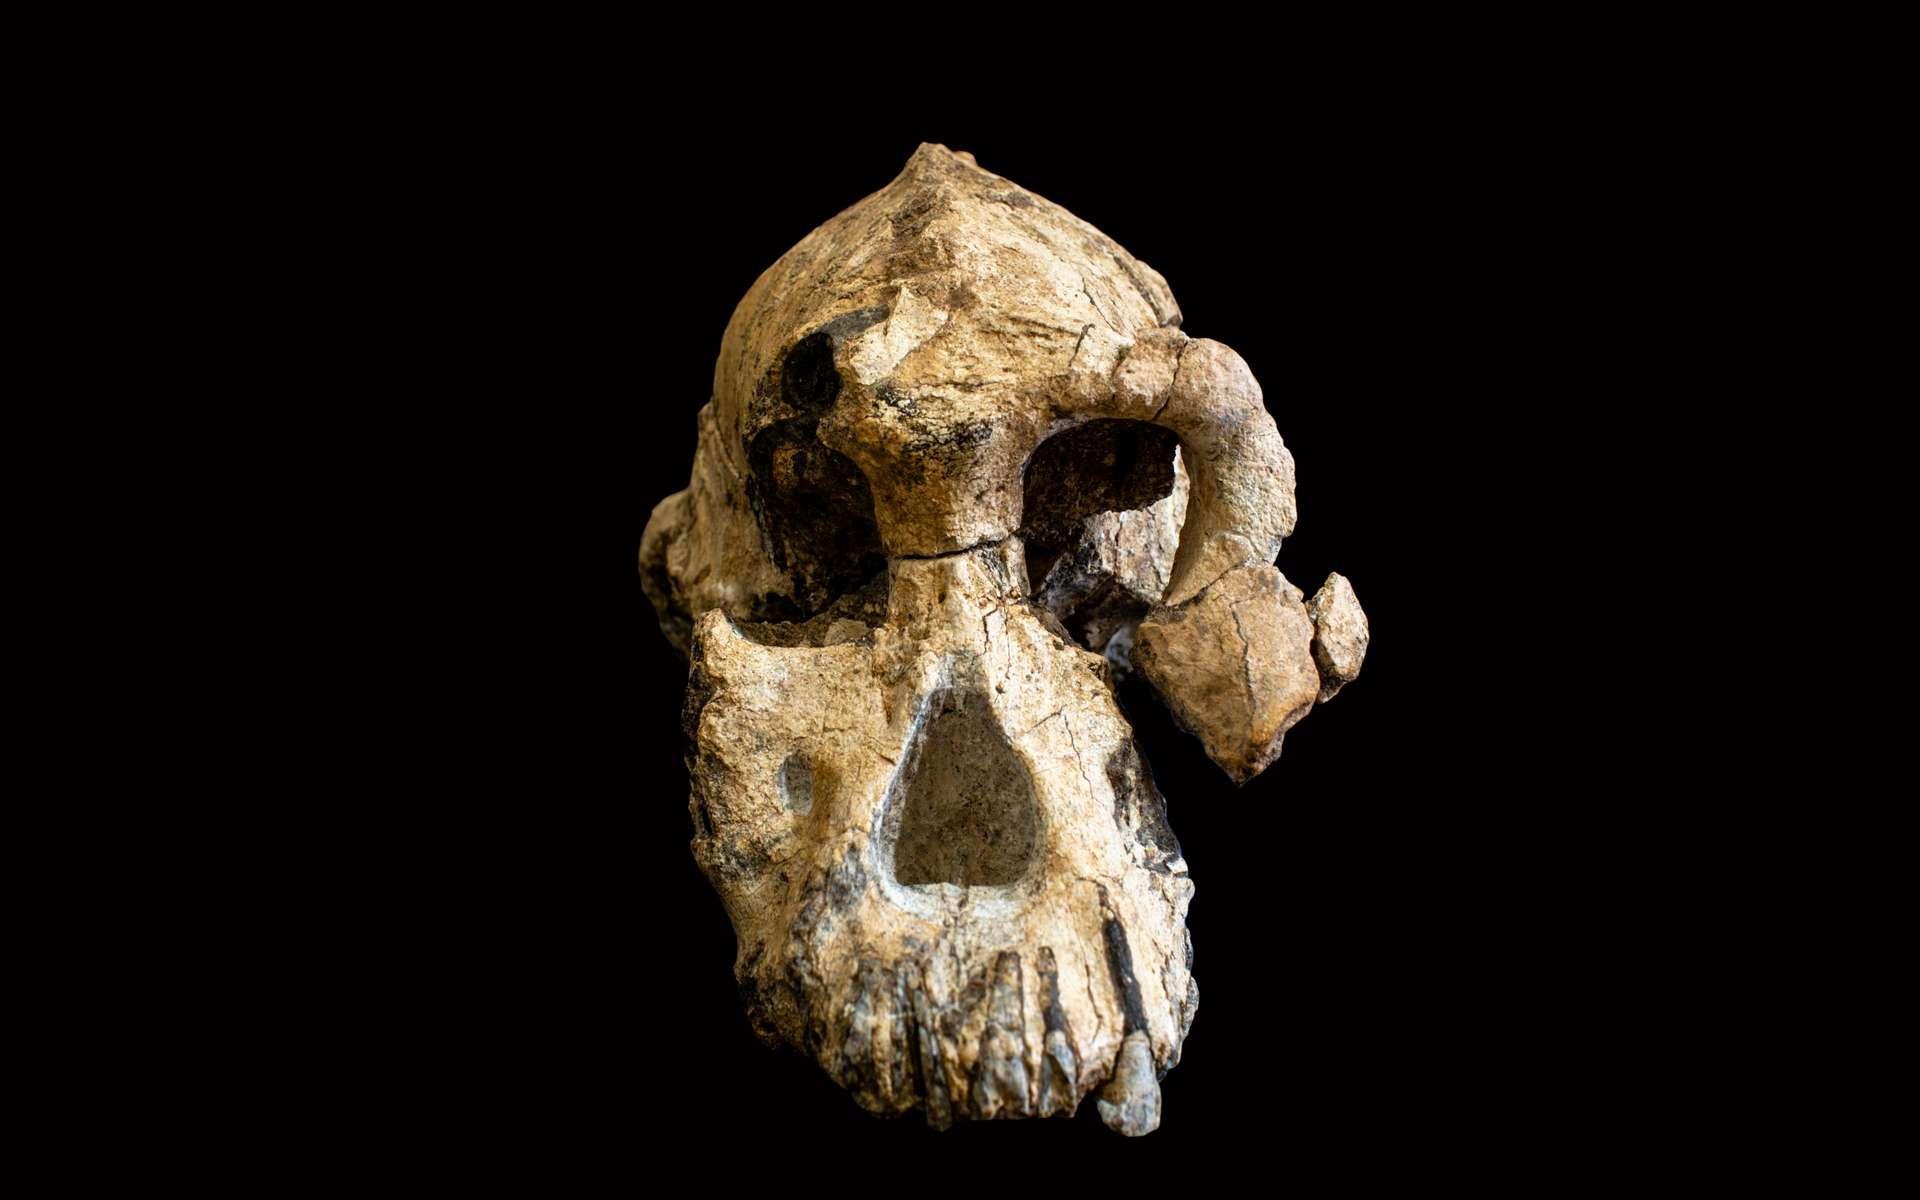 Photo fournie par le Museum of Natural history de Cleveland le 28 août 2019 montrant un fragment de crâne d'Australopithèque vieux de 3,8 millions d'années découvert en Éthiopie. © HO - Cleveland Museum of Natural history, AFP